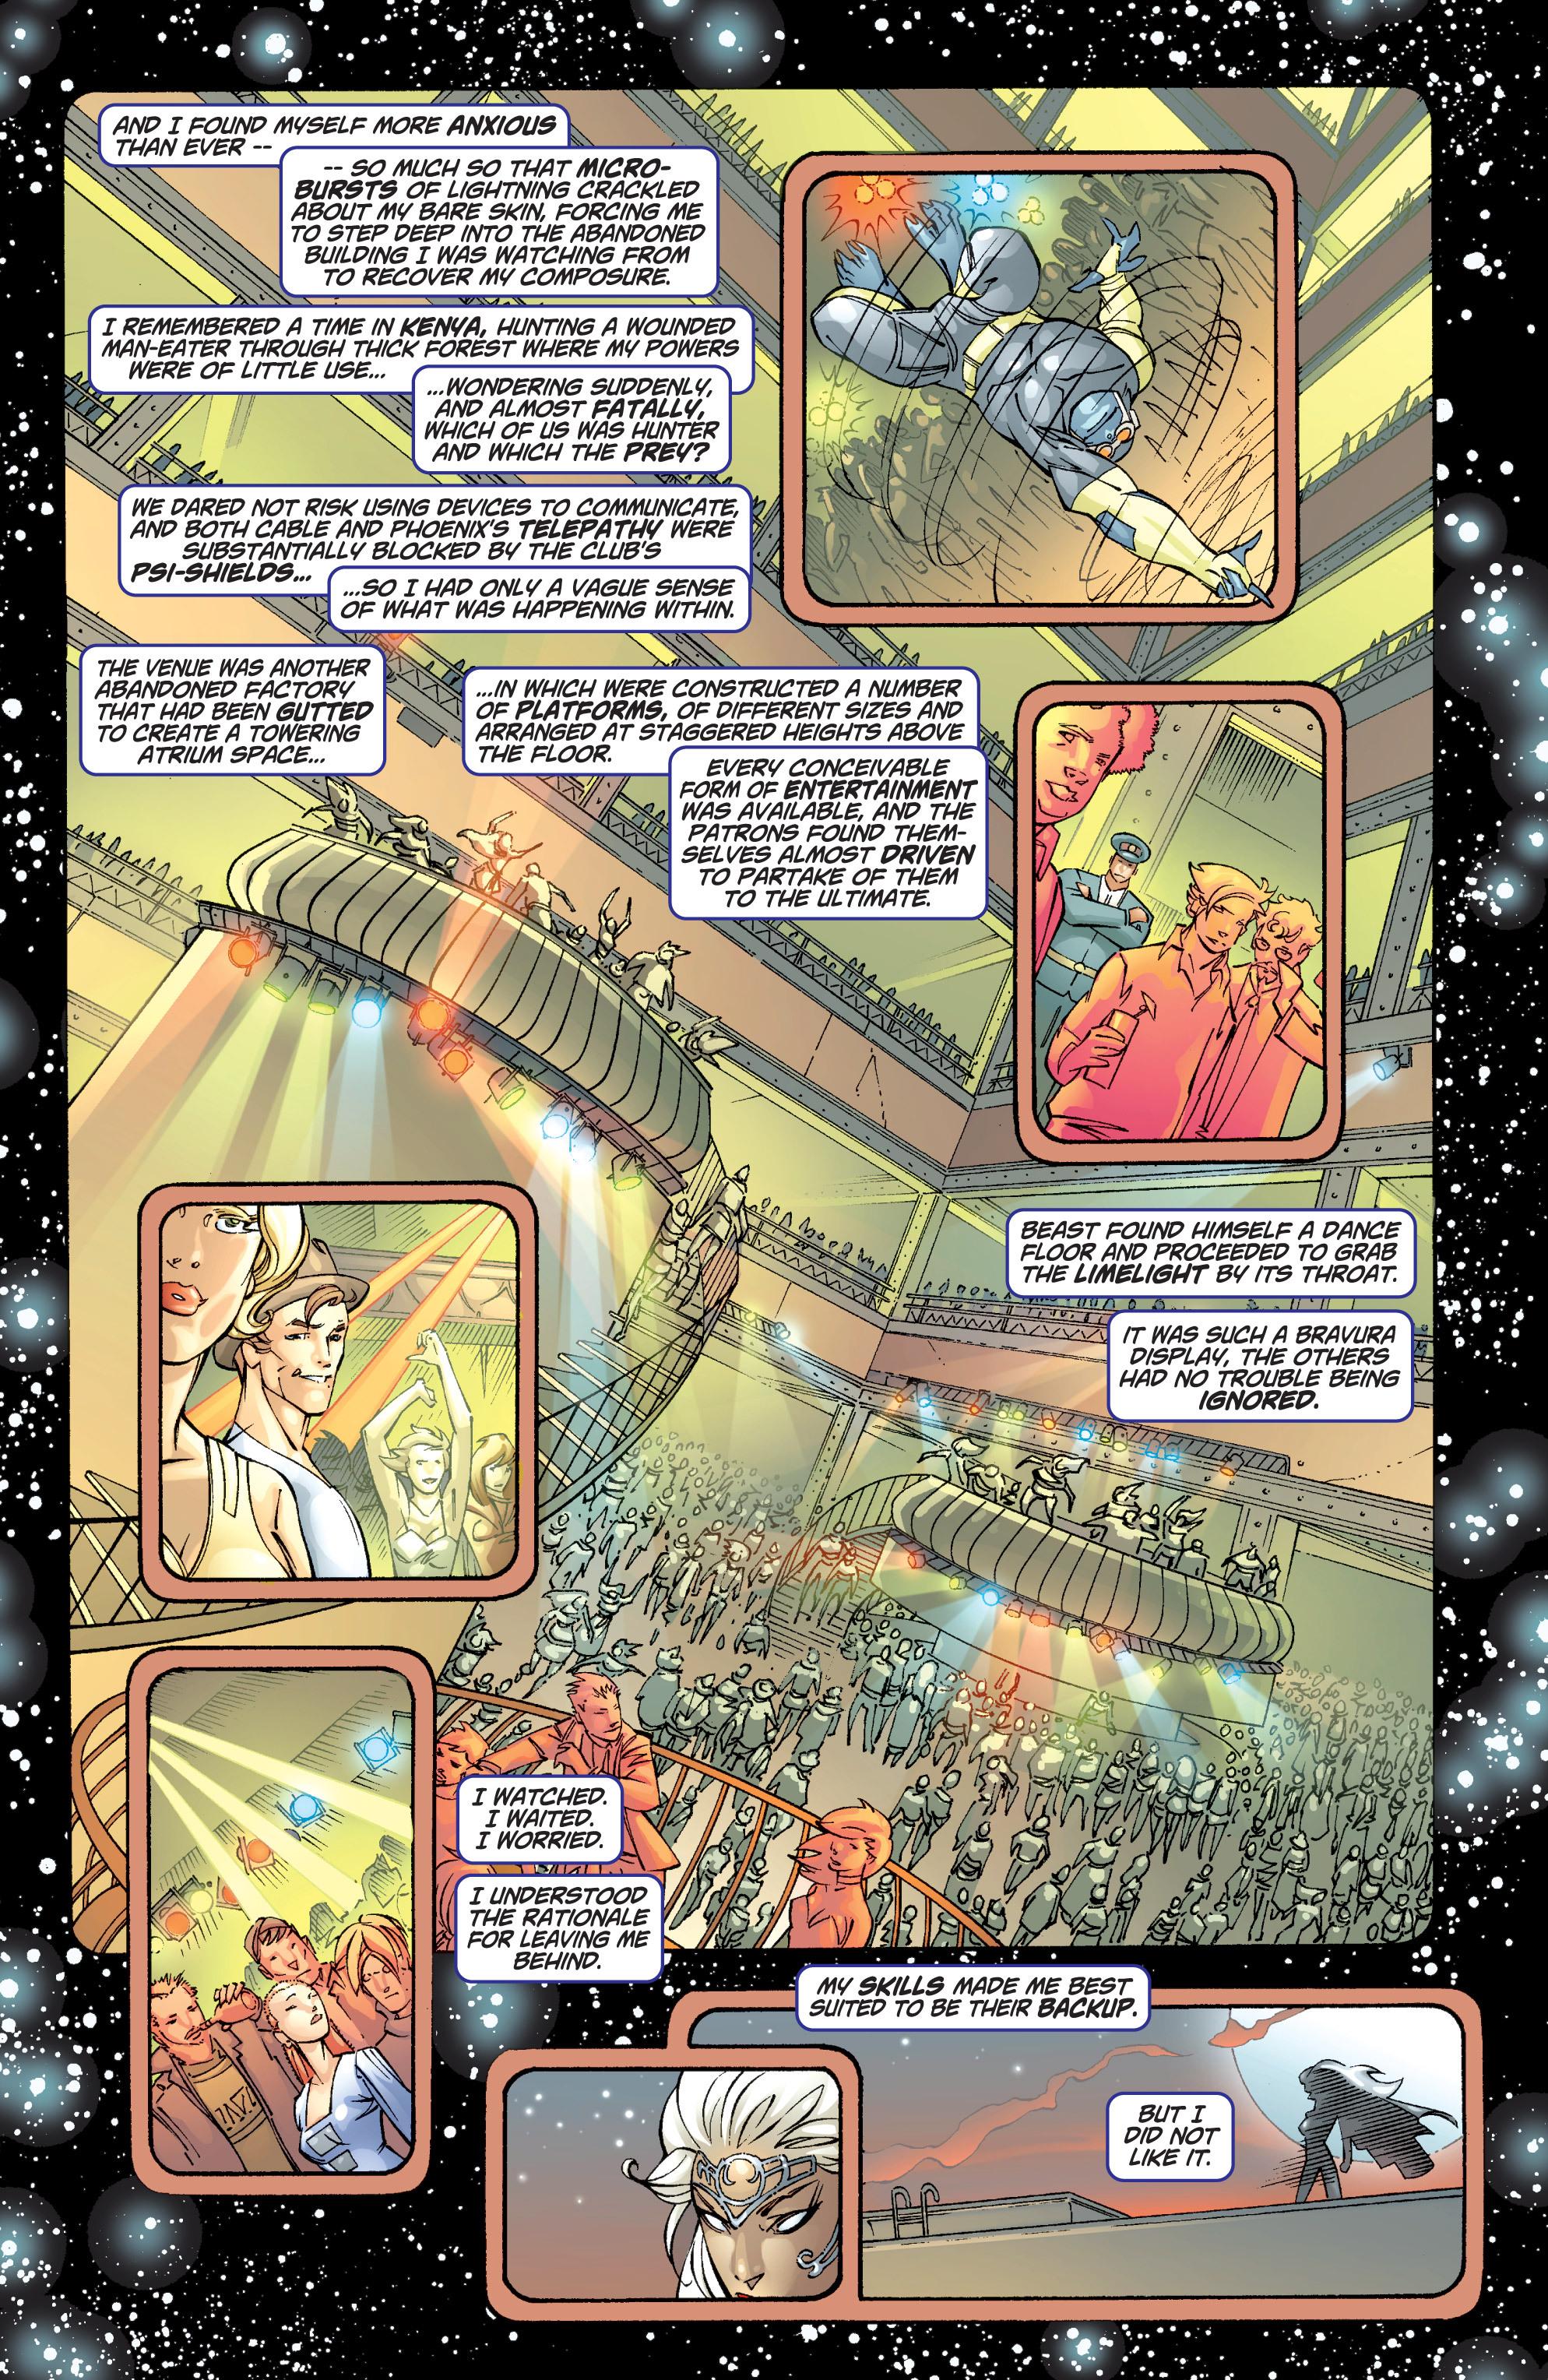 Read online Uncanny X-Men (1963) comic -  Issue #383 - 11